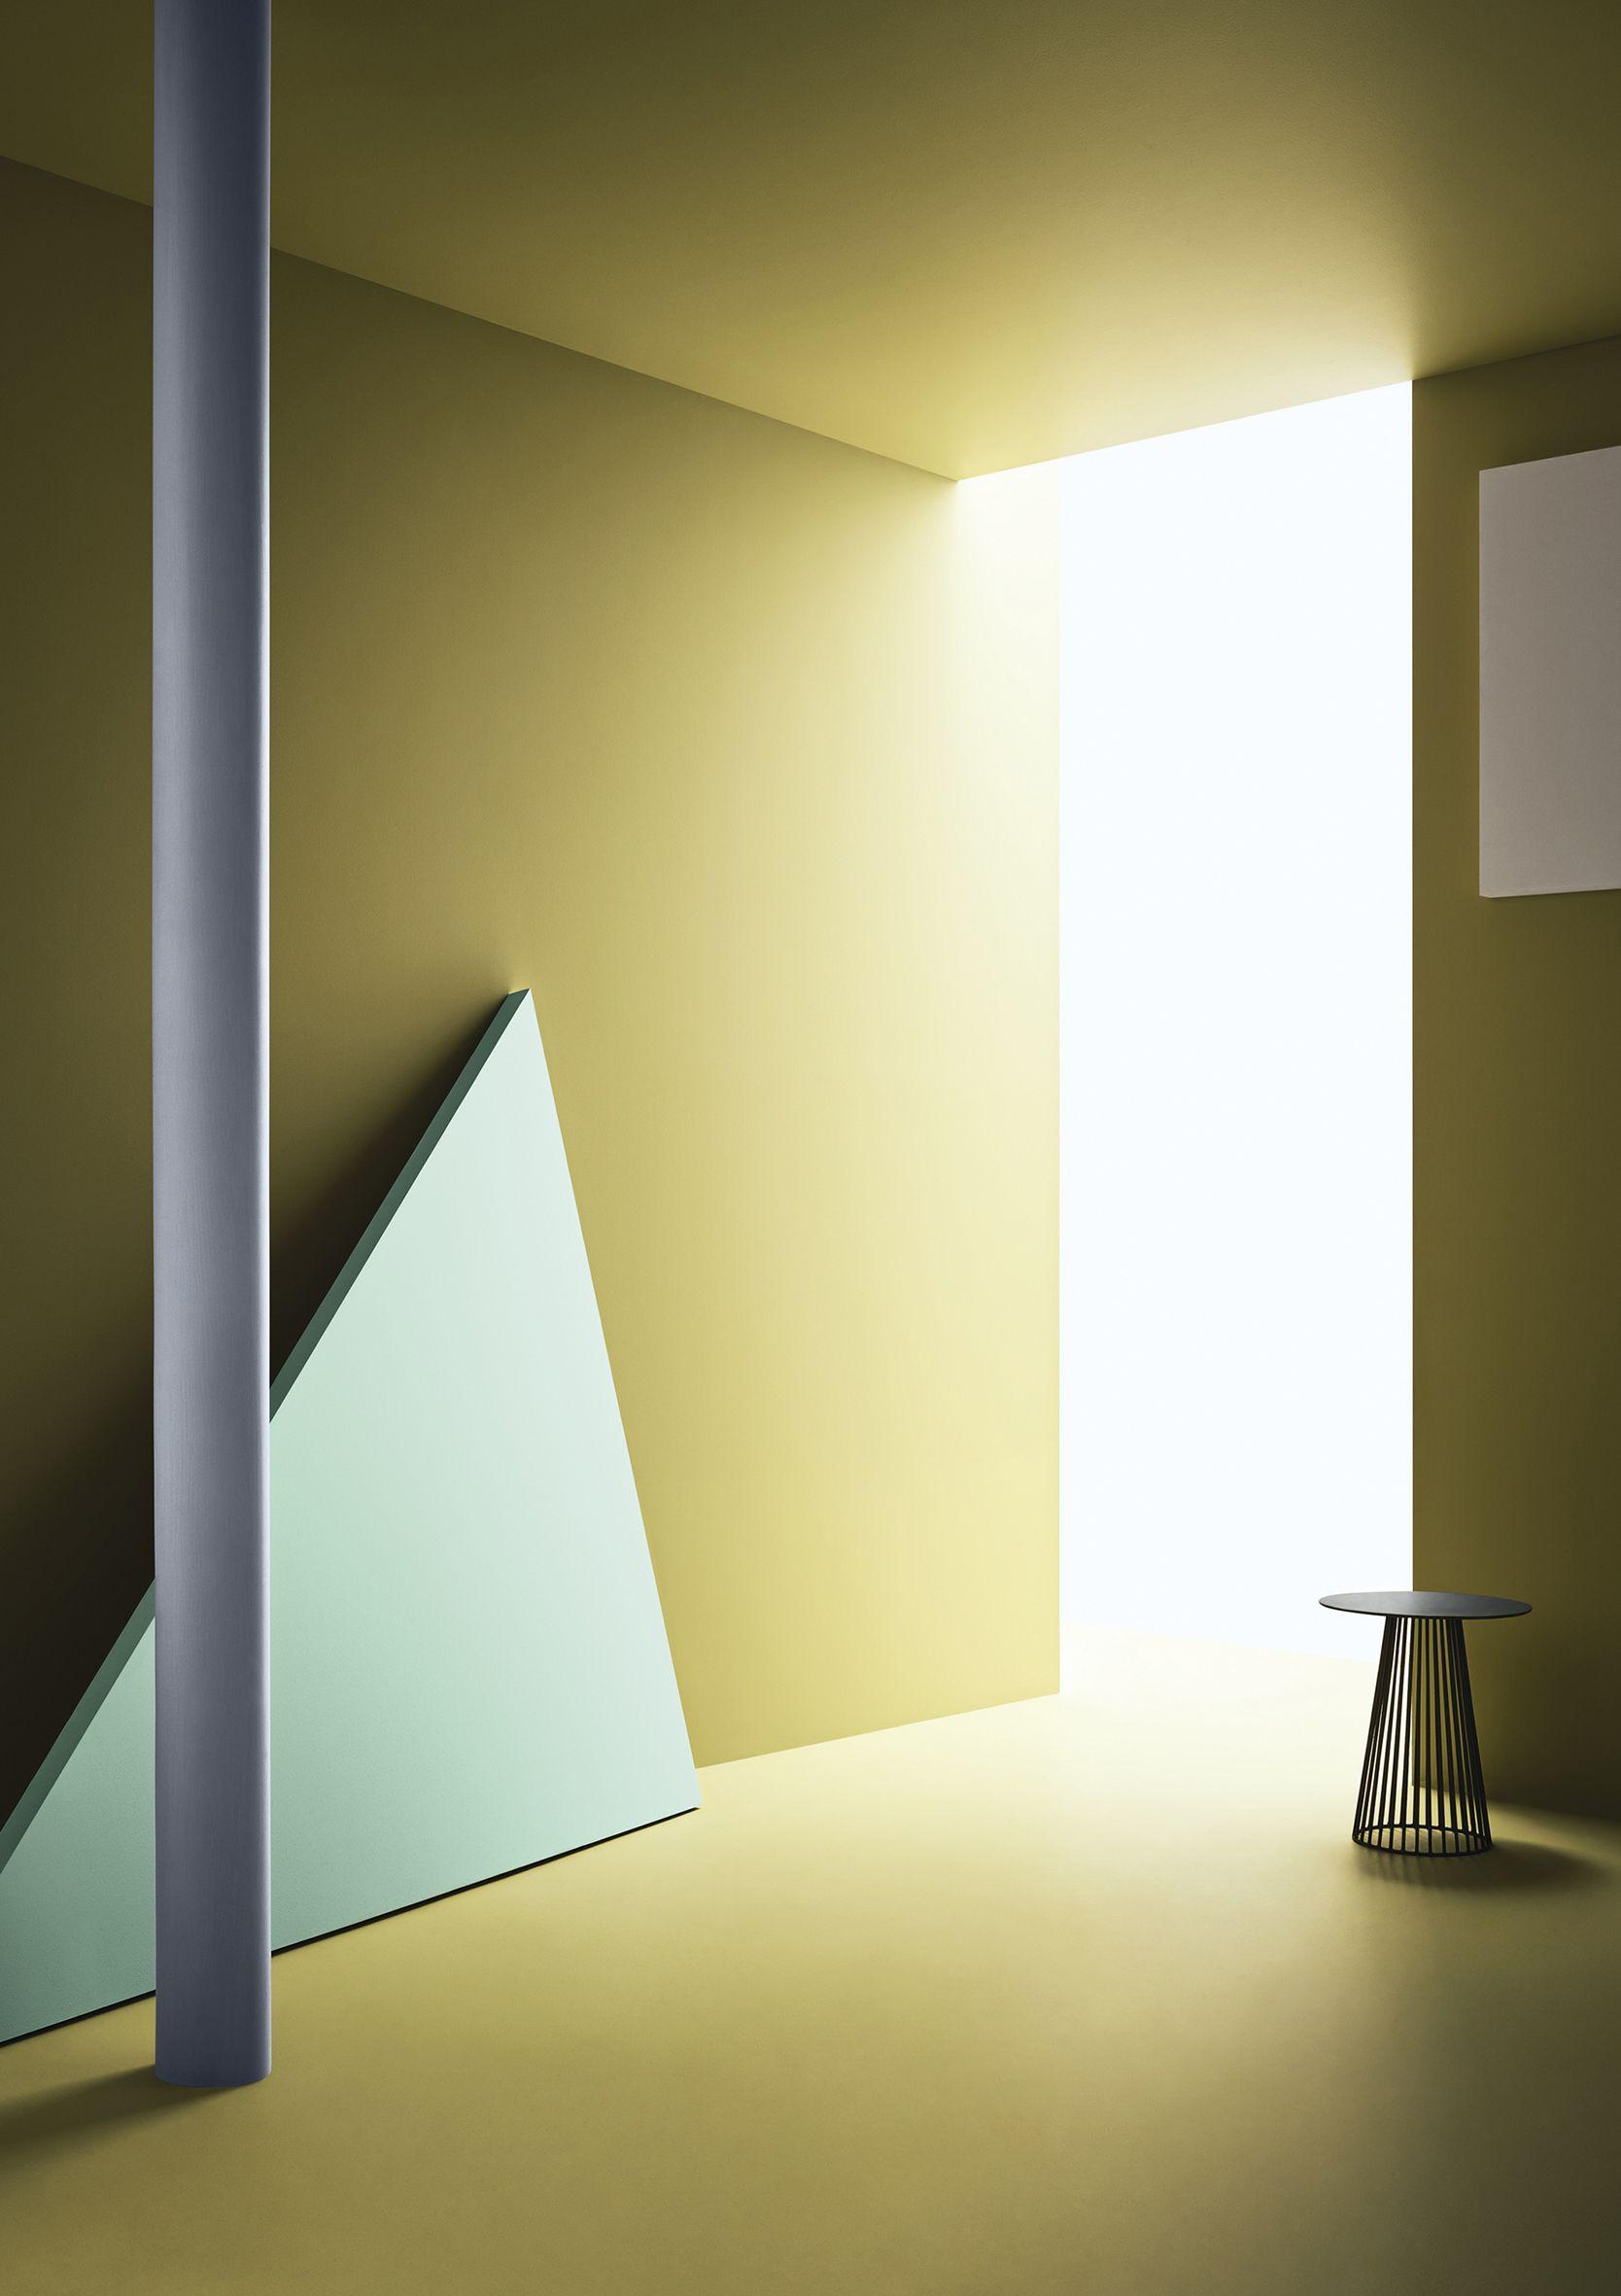 PALETTE 2 #colors #paint colors #vernici #vernici pareti | Bauhaus ...